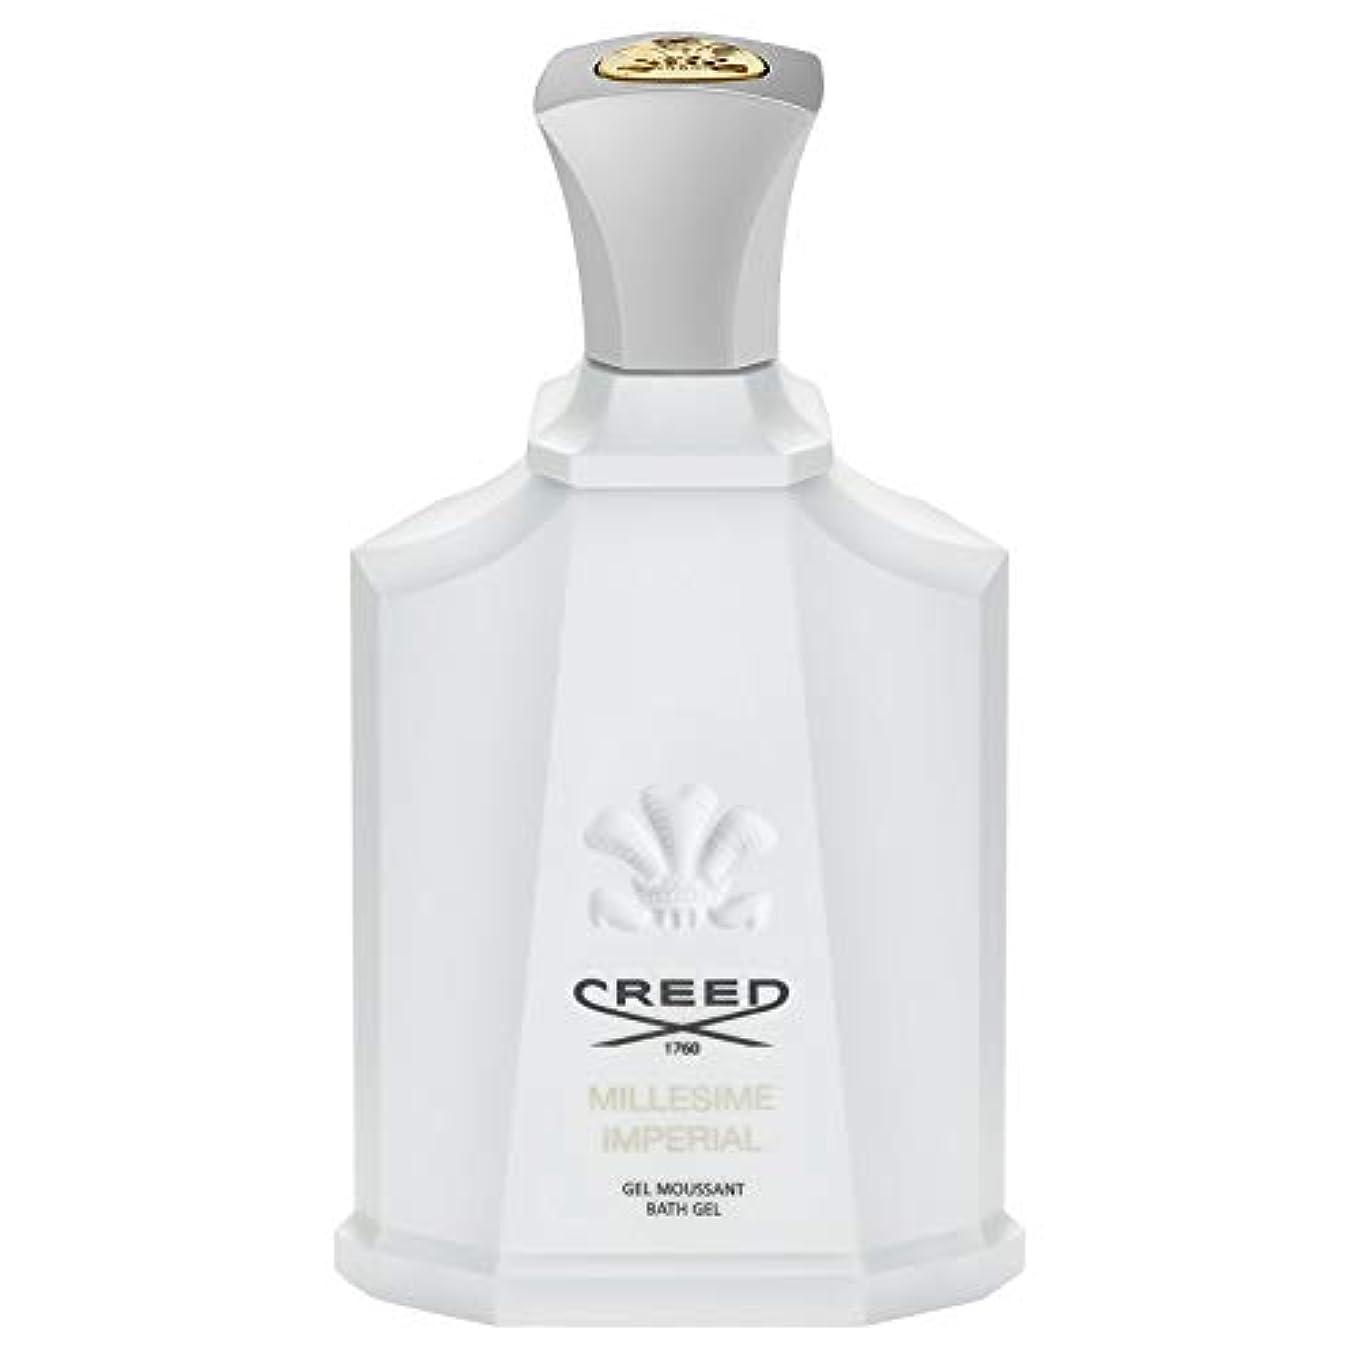 篭すり減る吐く[Creed ] 信条ミレジム帝国シャワージェル200Ml - CREED Millesime Imperial Shower Gel 200ml [並行輸入品]